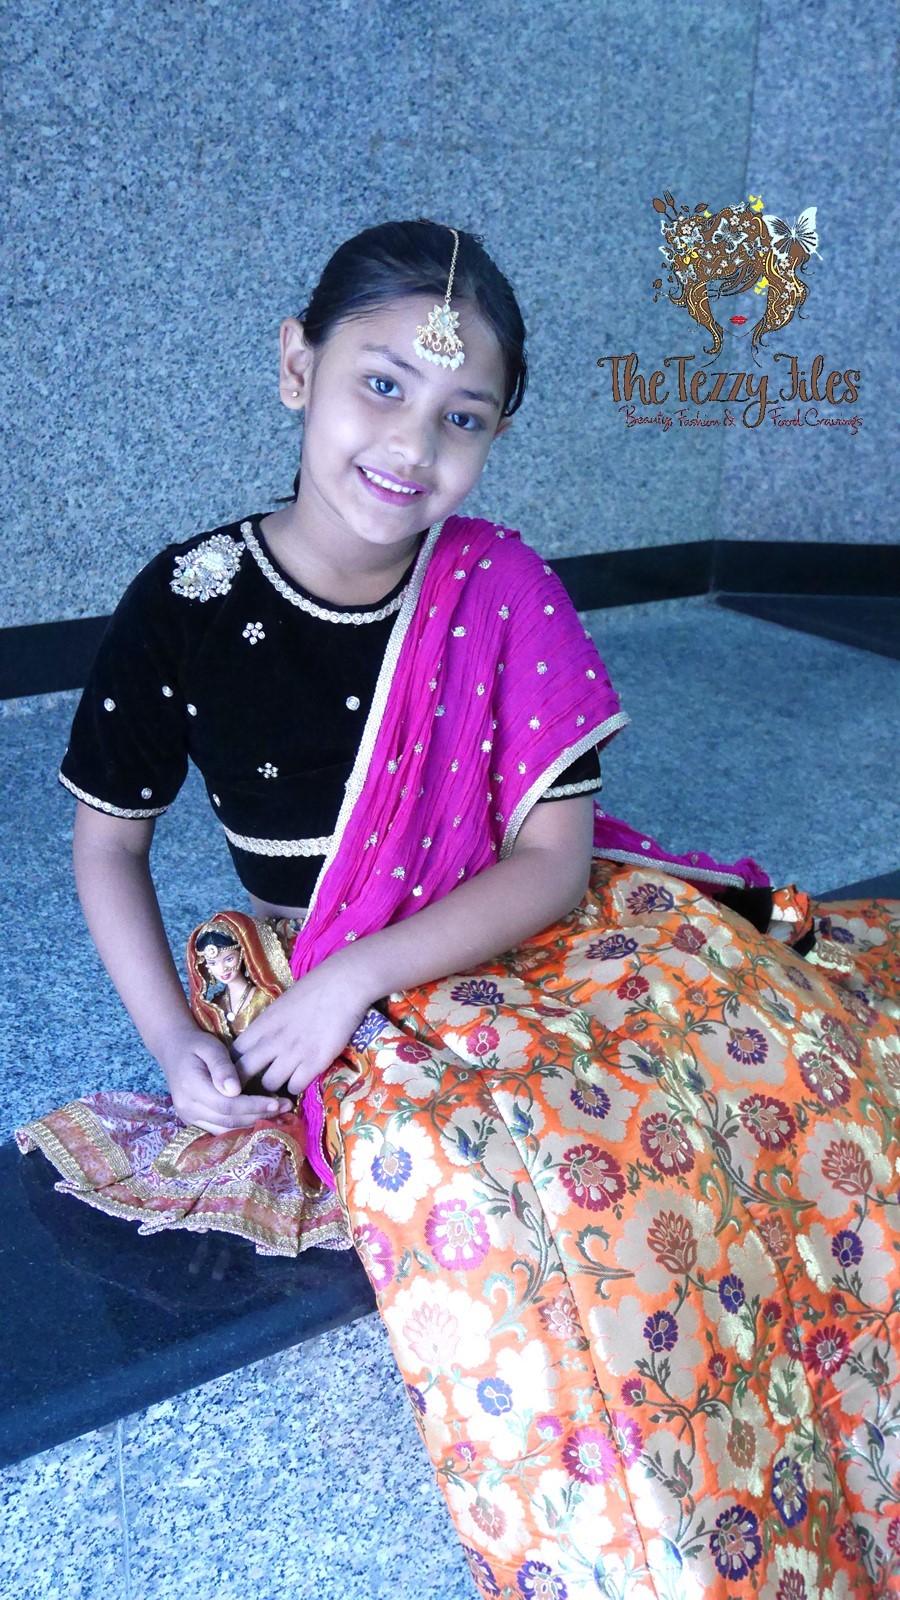 fayon-kids-indian-childrens-fashion-ethnic-lehenga-ghagra-child-mummy-blogger-indian-blog-fashion-dubai-uae-numaish-barbie-2